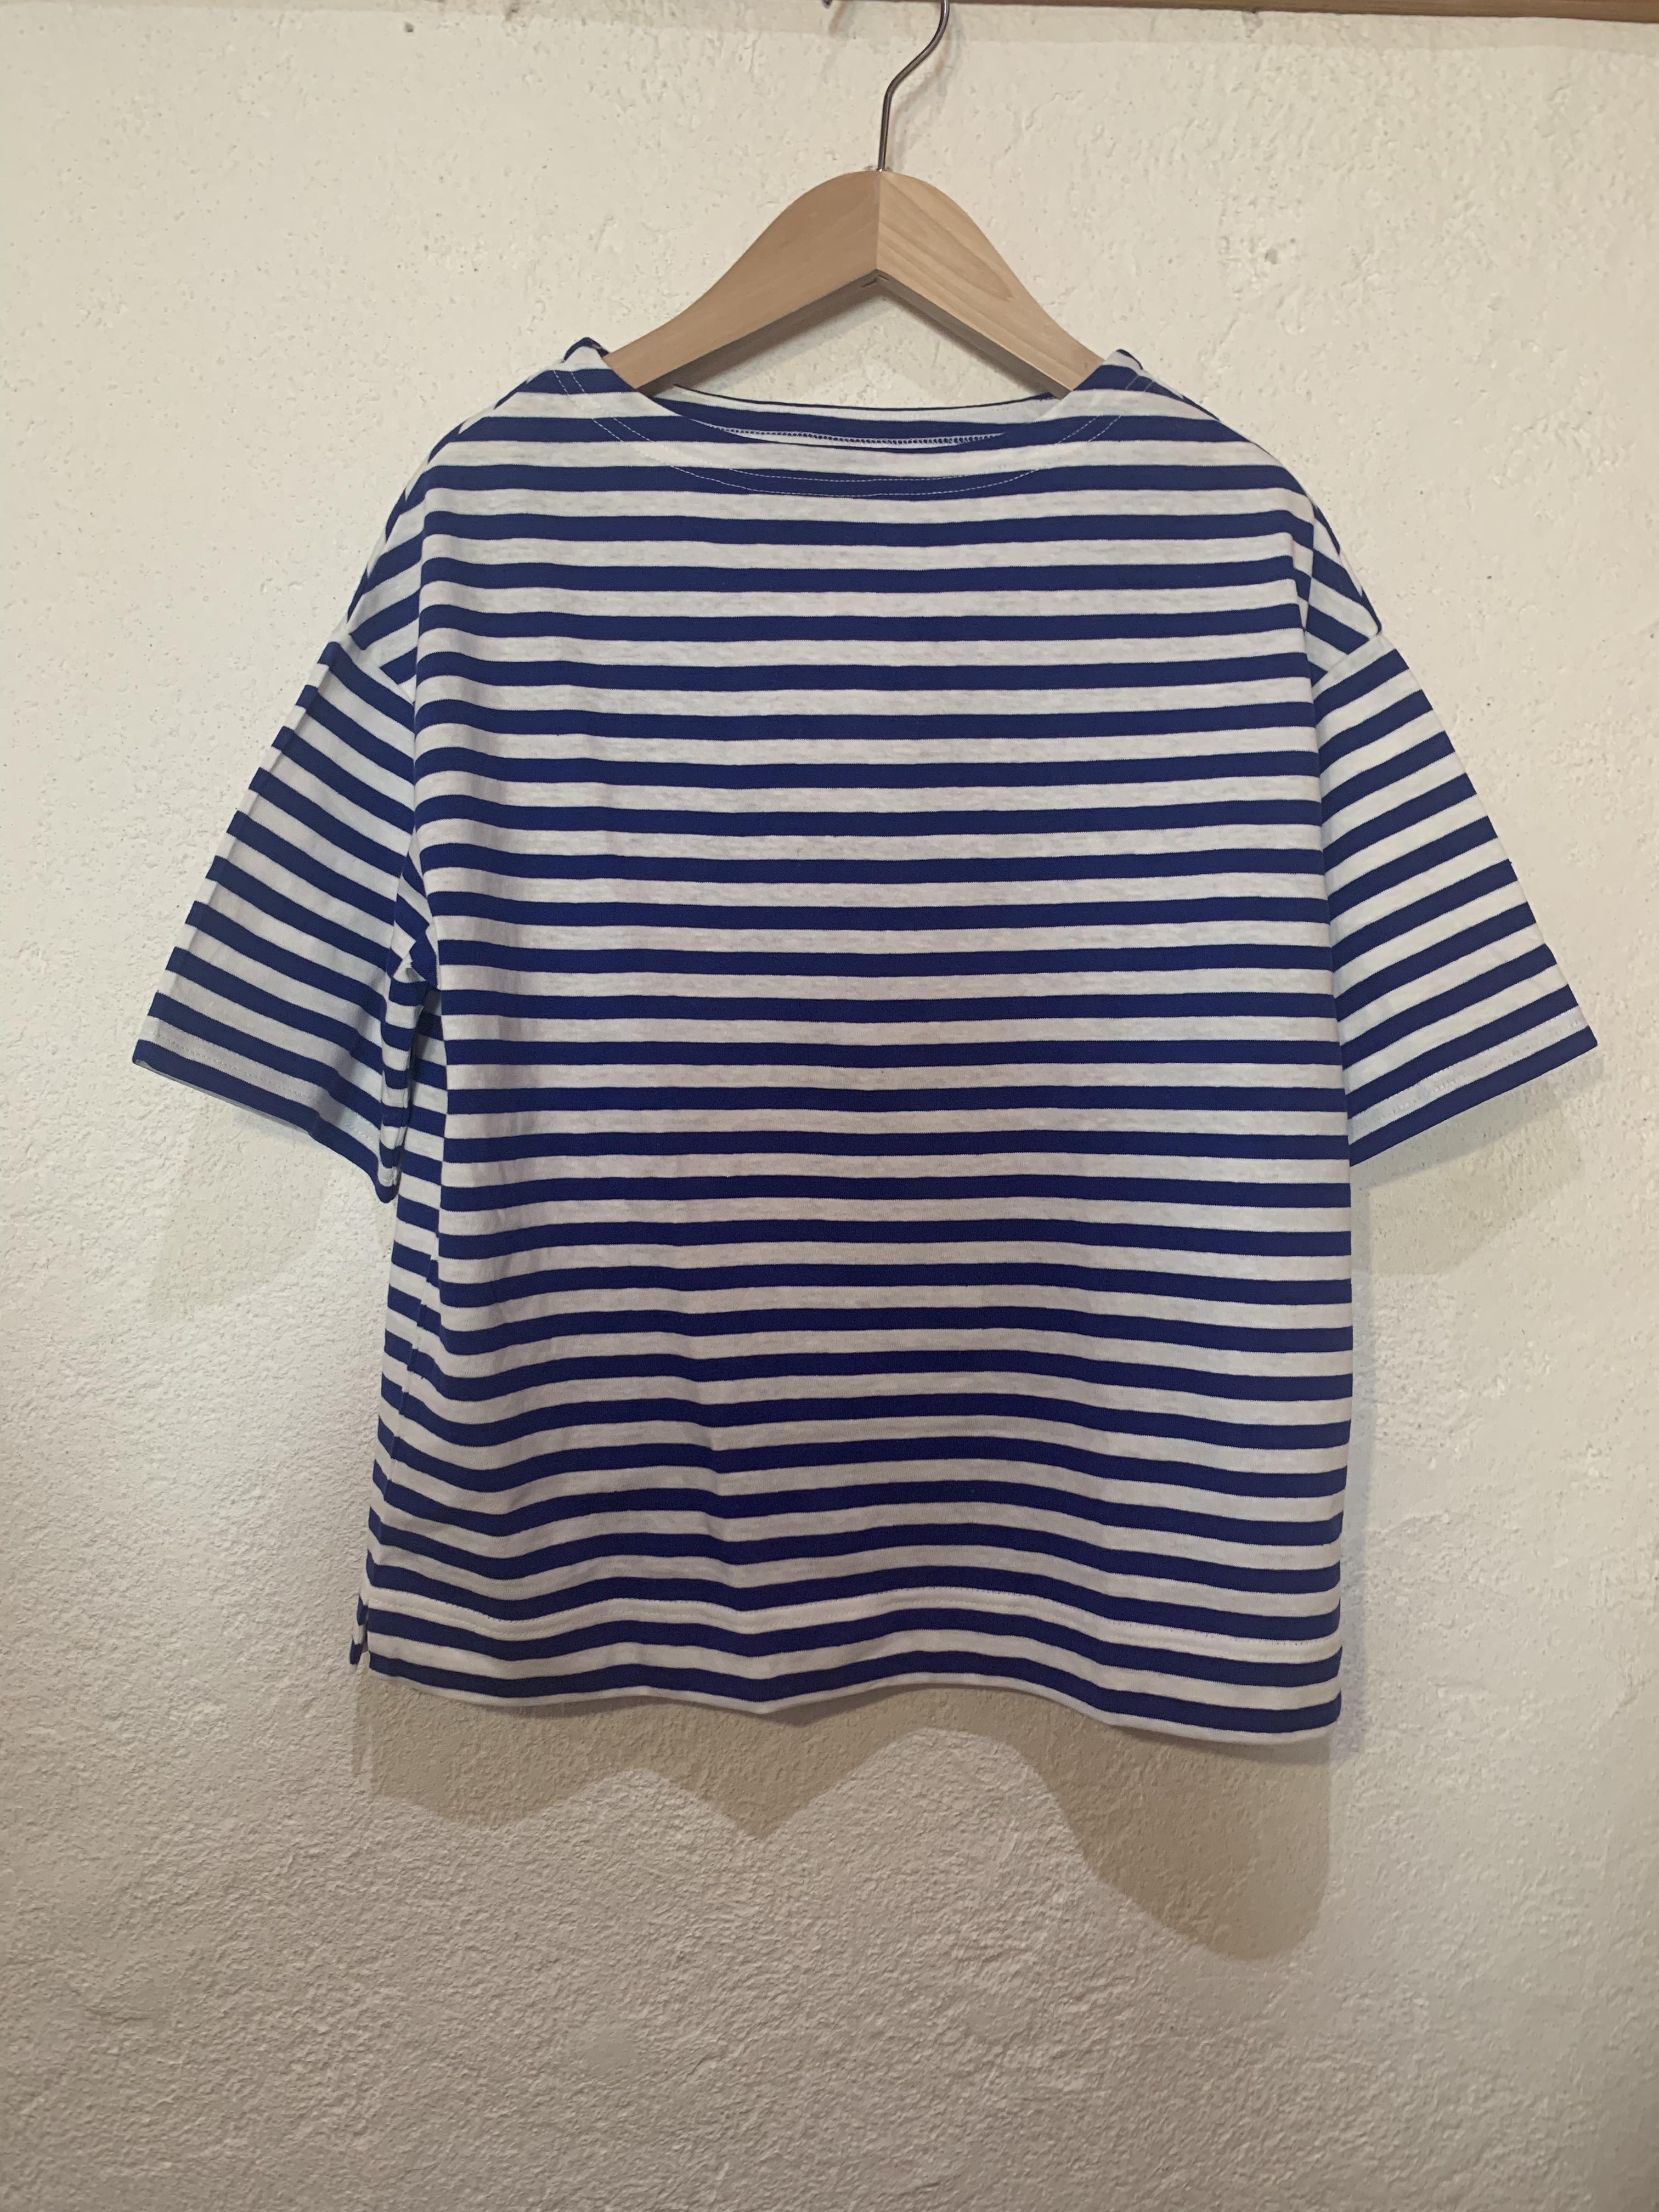 Chloro sister/toujours/ボーダーボートネックTシャツ  ブルー